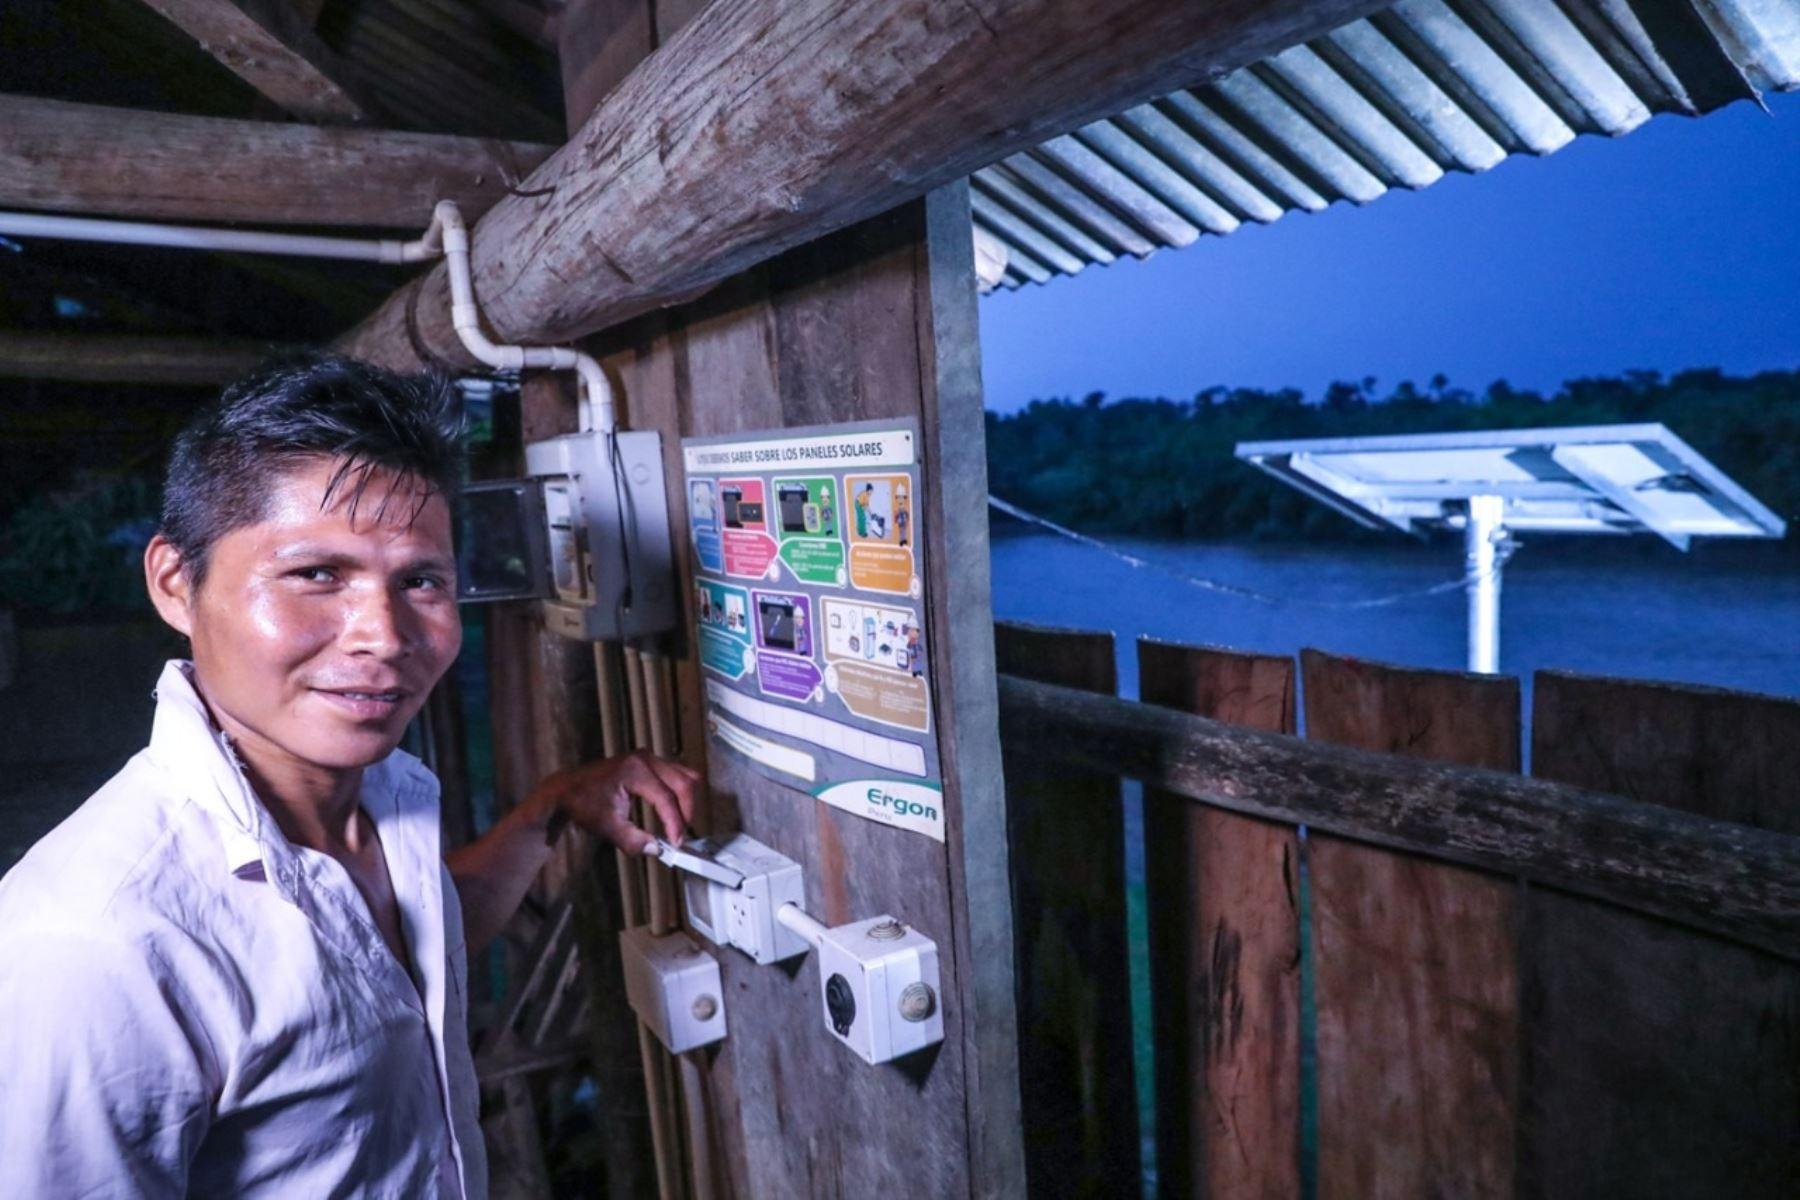 Panel solar en vivienda rural. Foto: Cortesía.